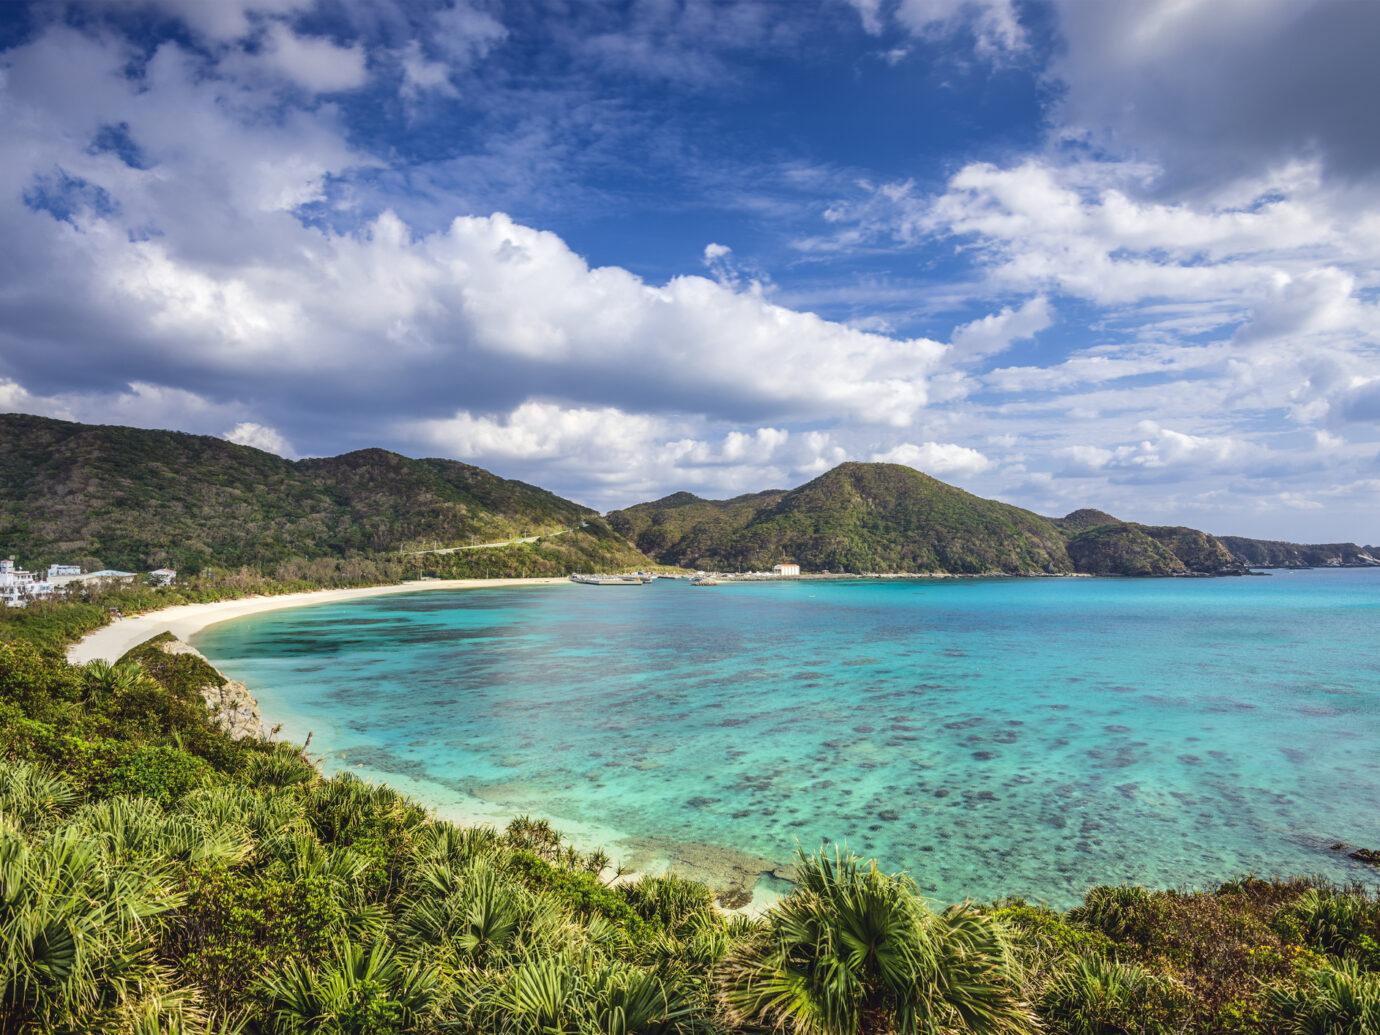 Aharen Beach on Tokashiki Island in Okinawa, Japan.